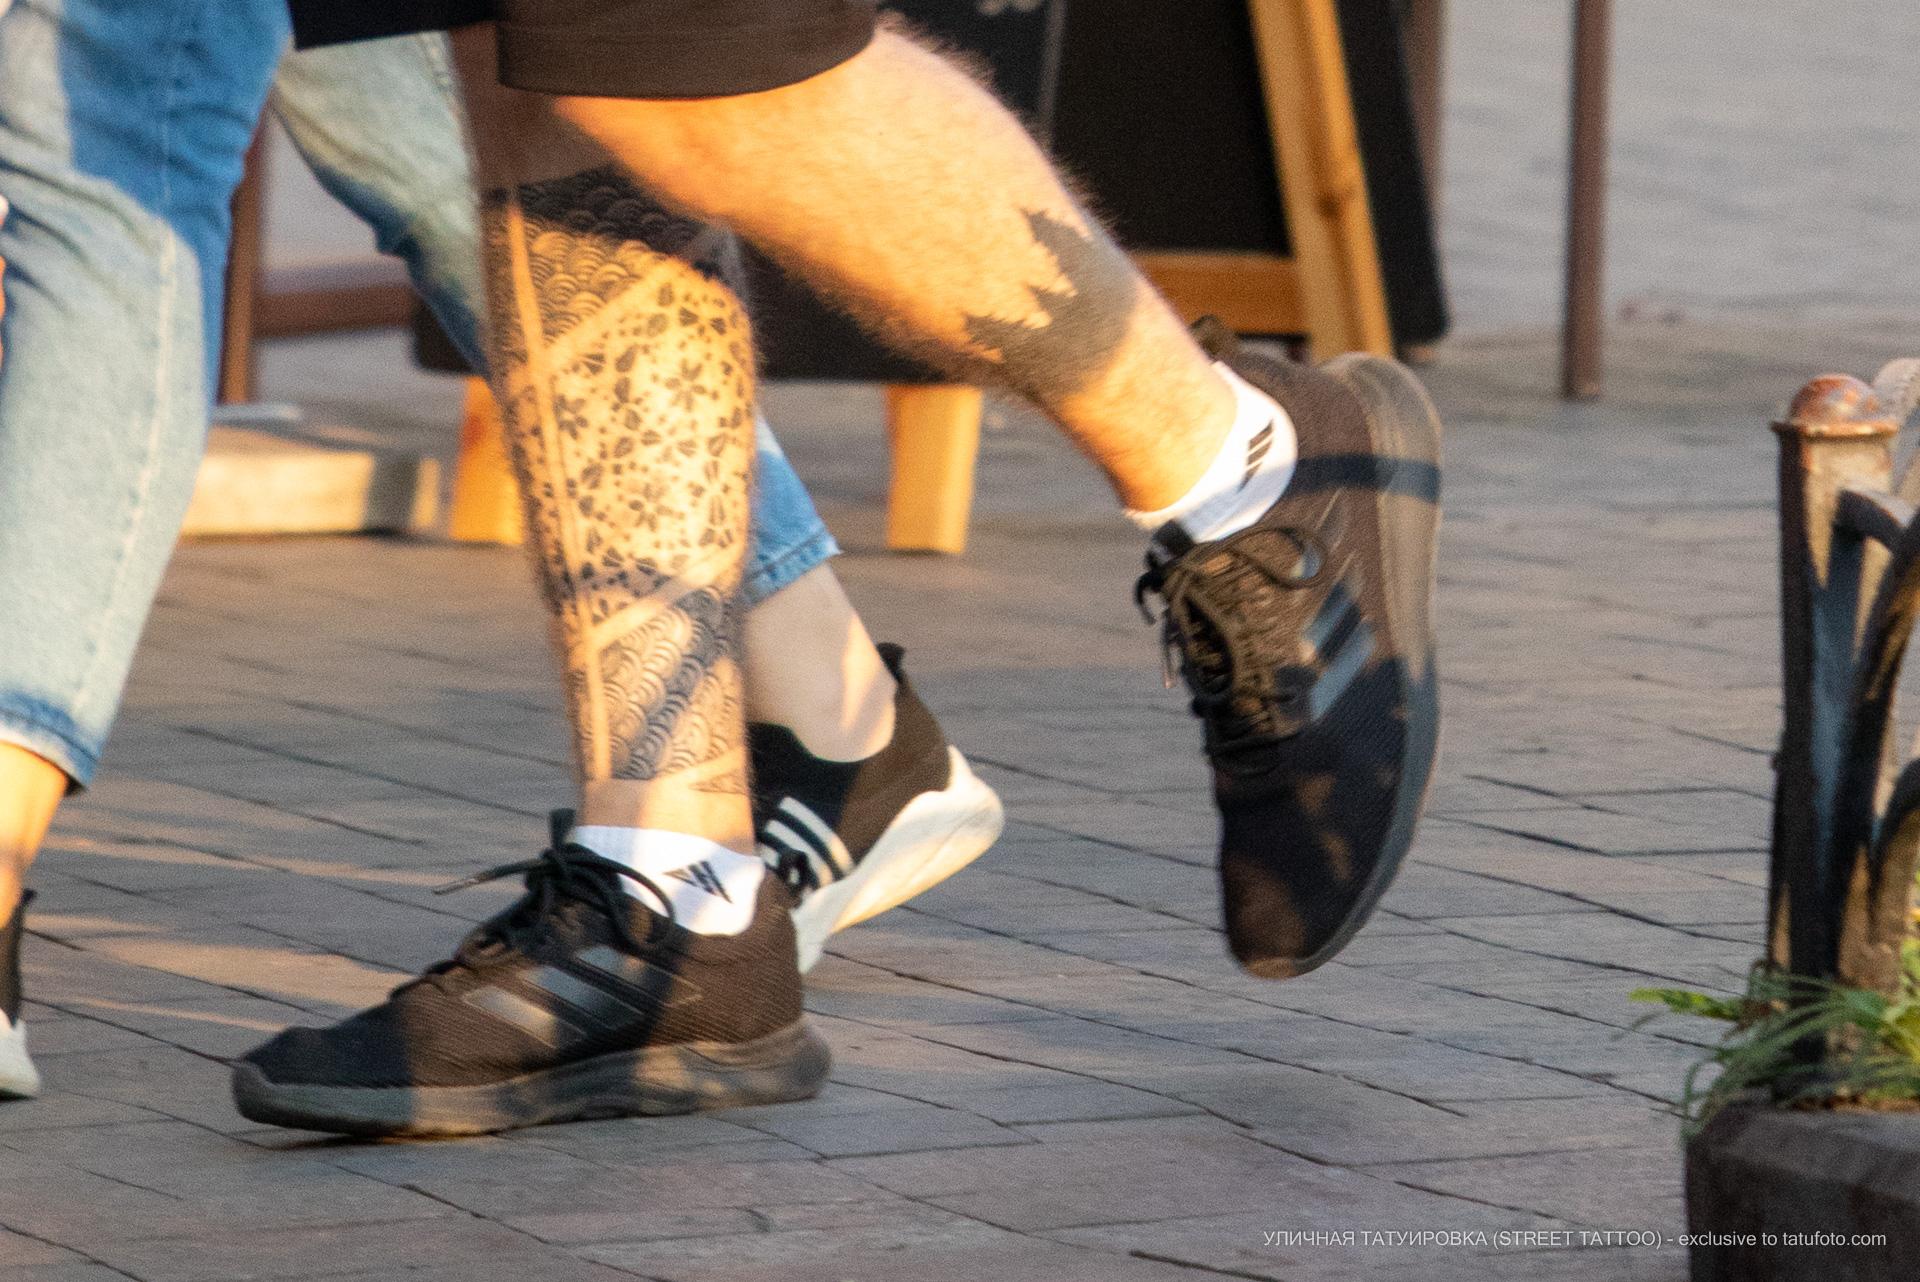 Тату силуэт леса и узоры внизу ноги парня – 17.09.2020 – tatufoto.com 3